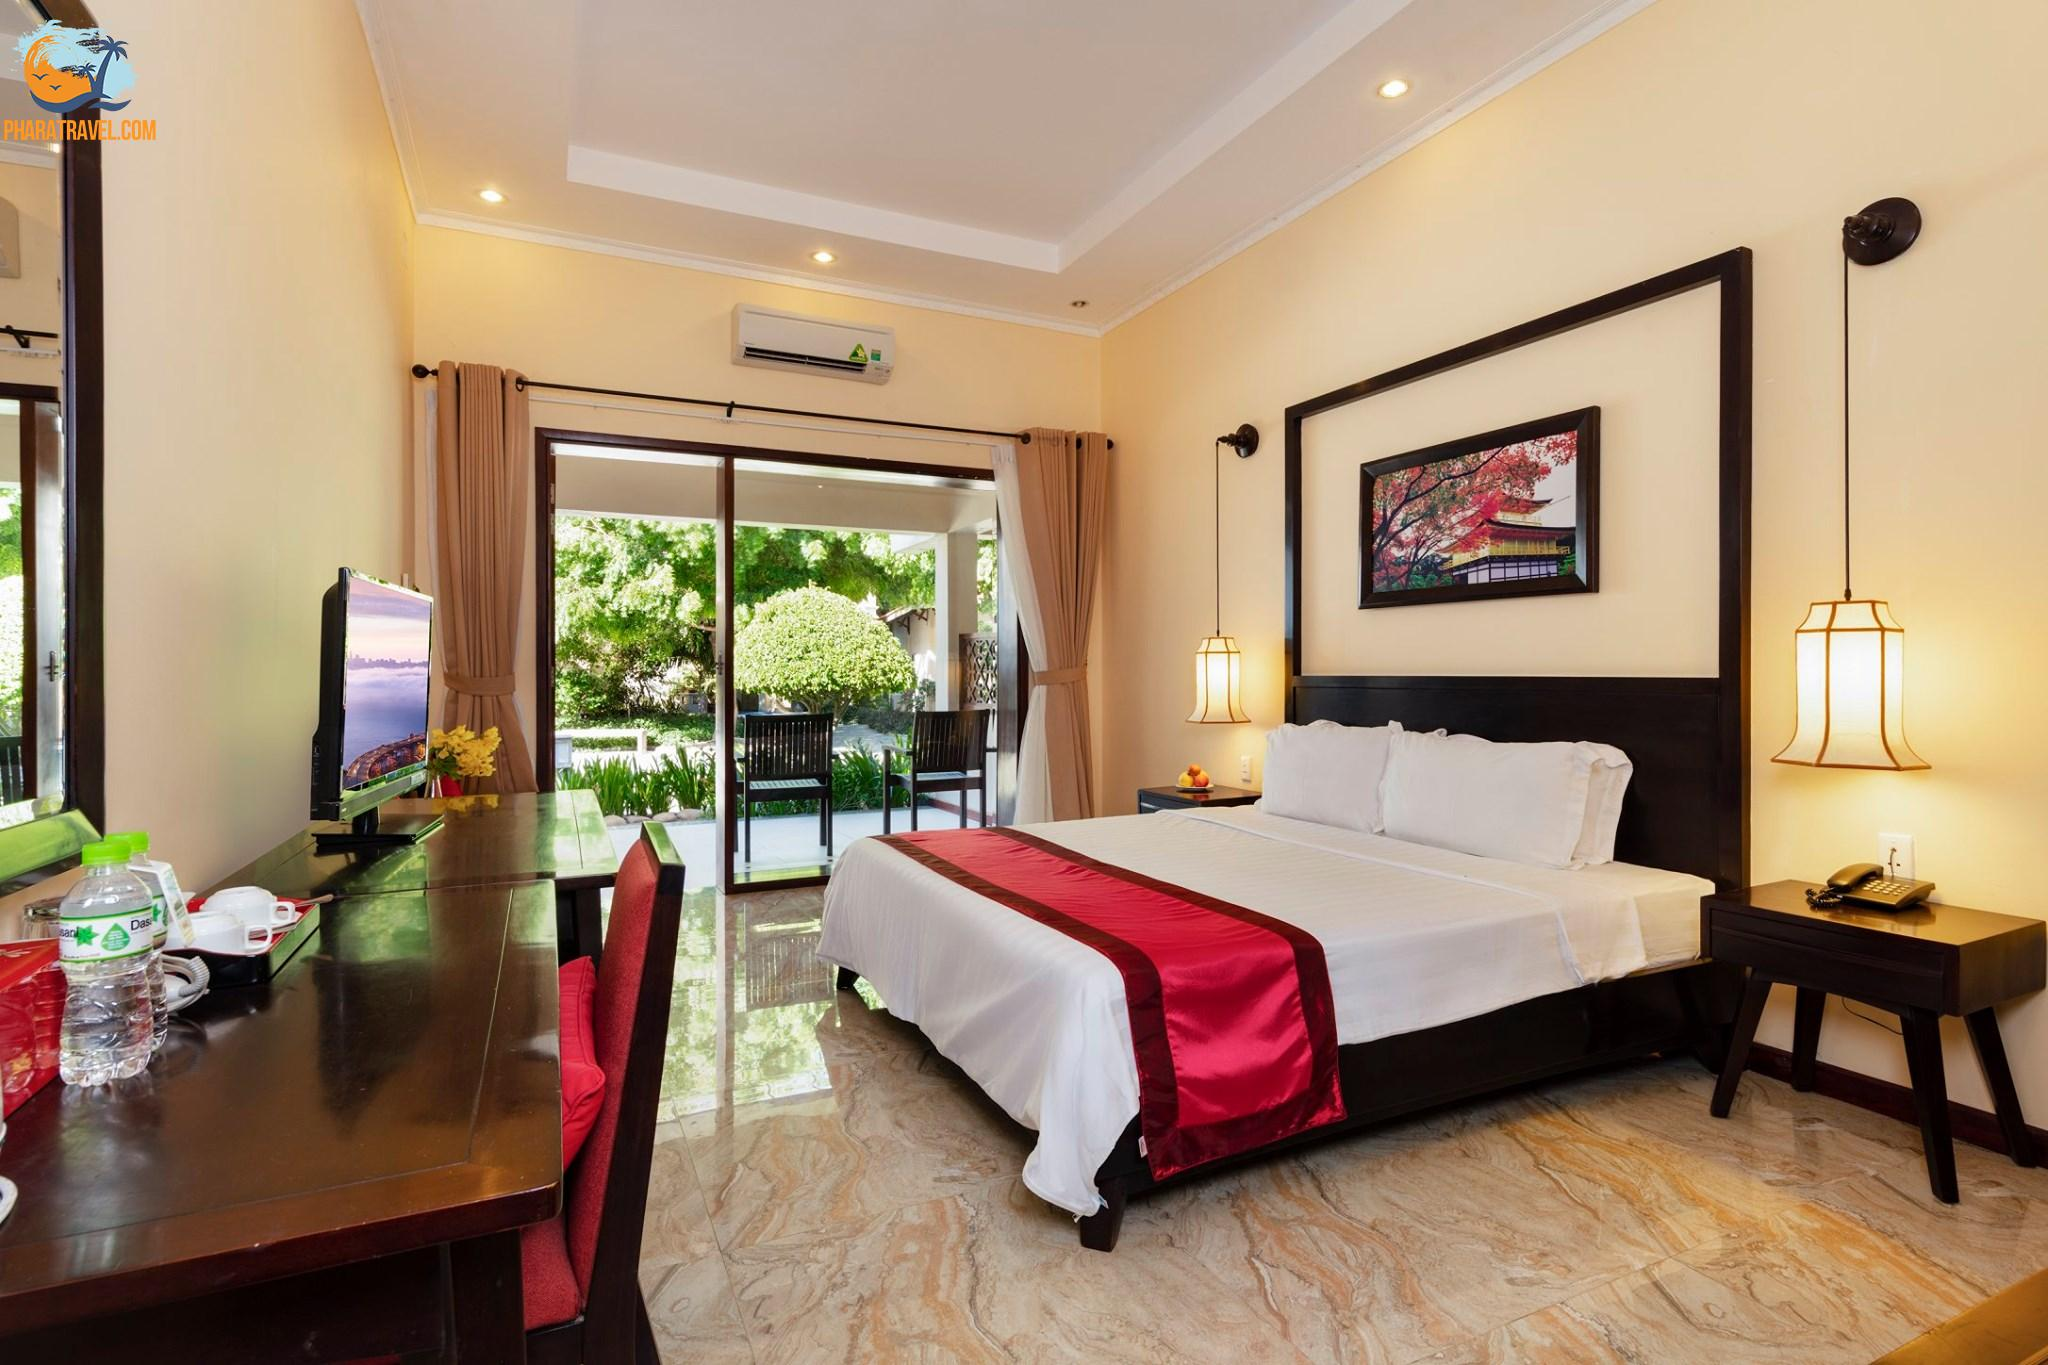 Resort Hòn Cò Cà Ná: Khu nghỉ dưỡng chất lượng tại Ninh Thuận